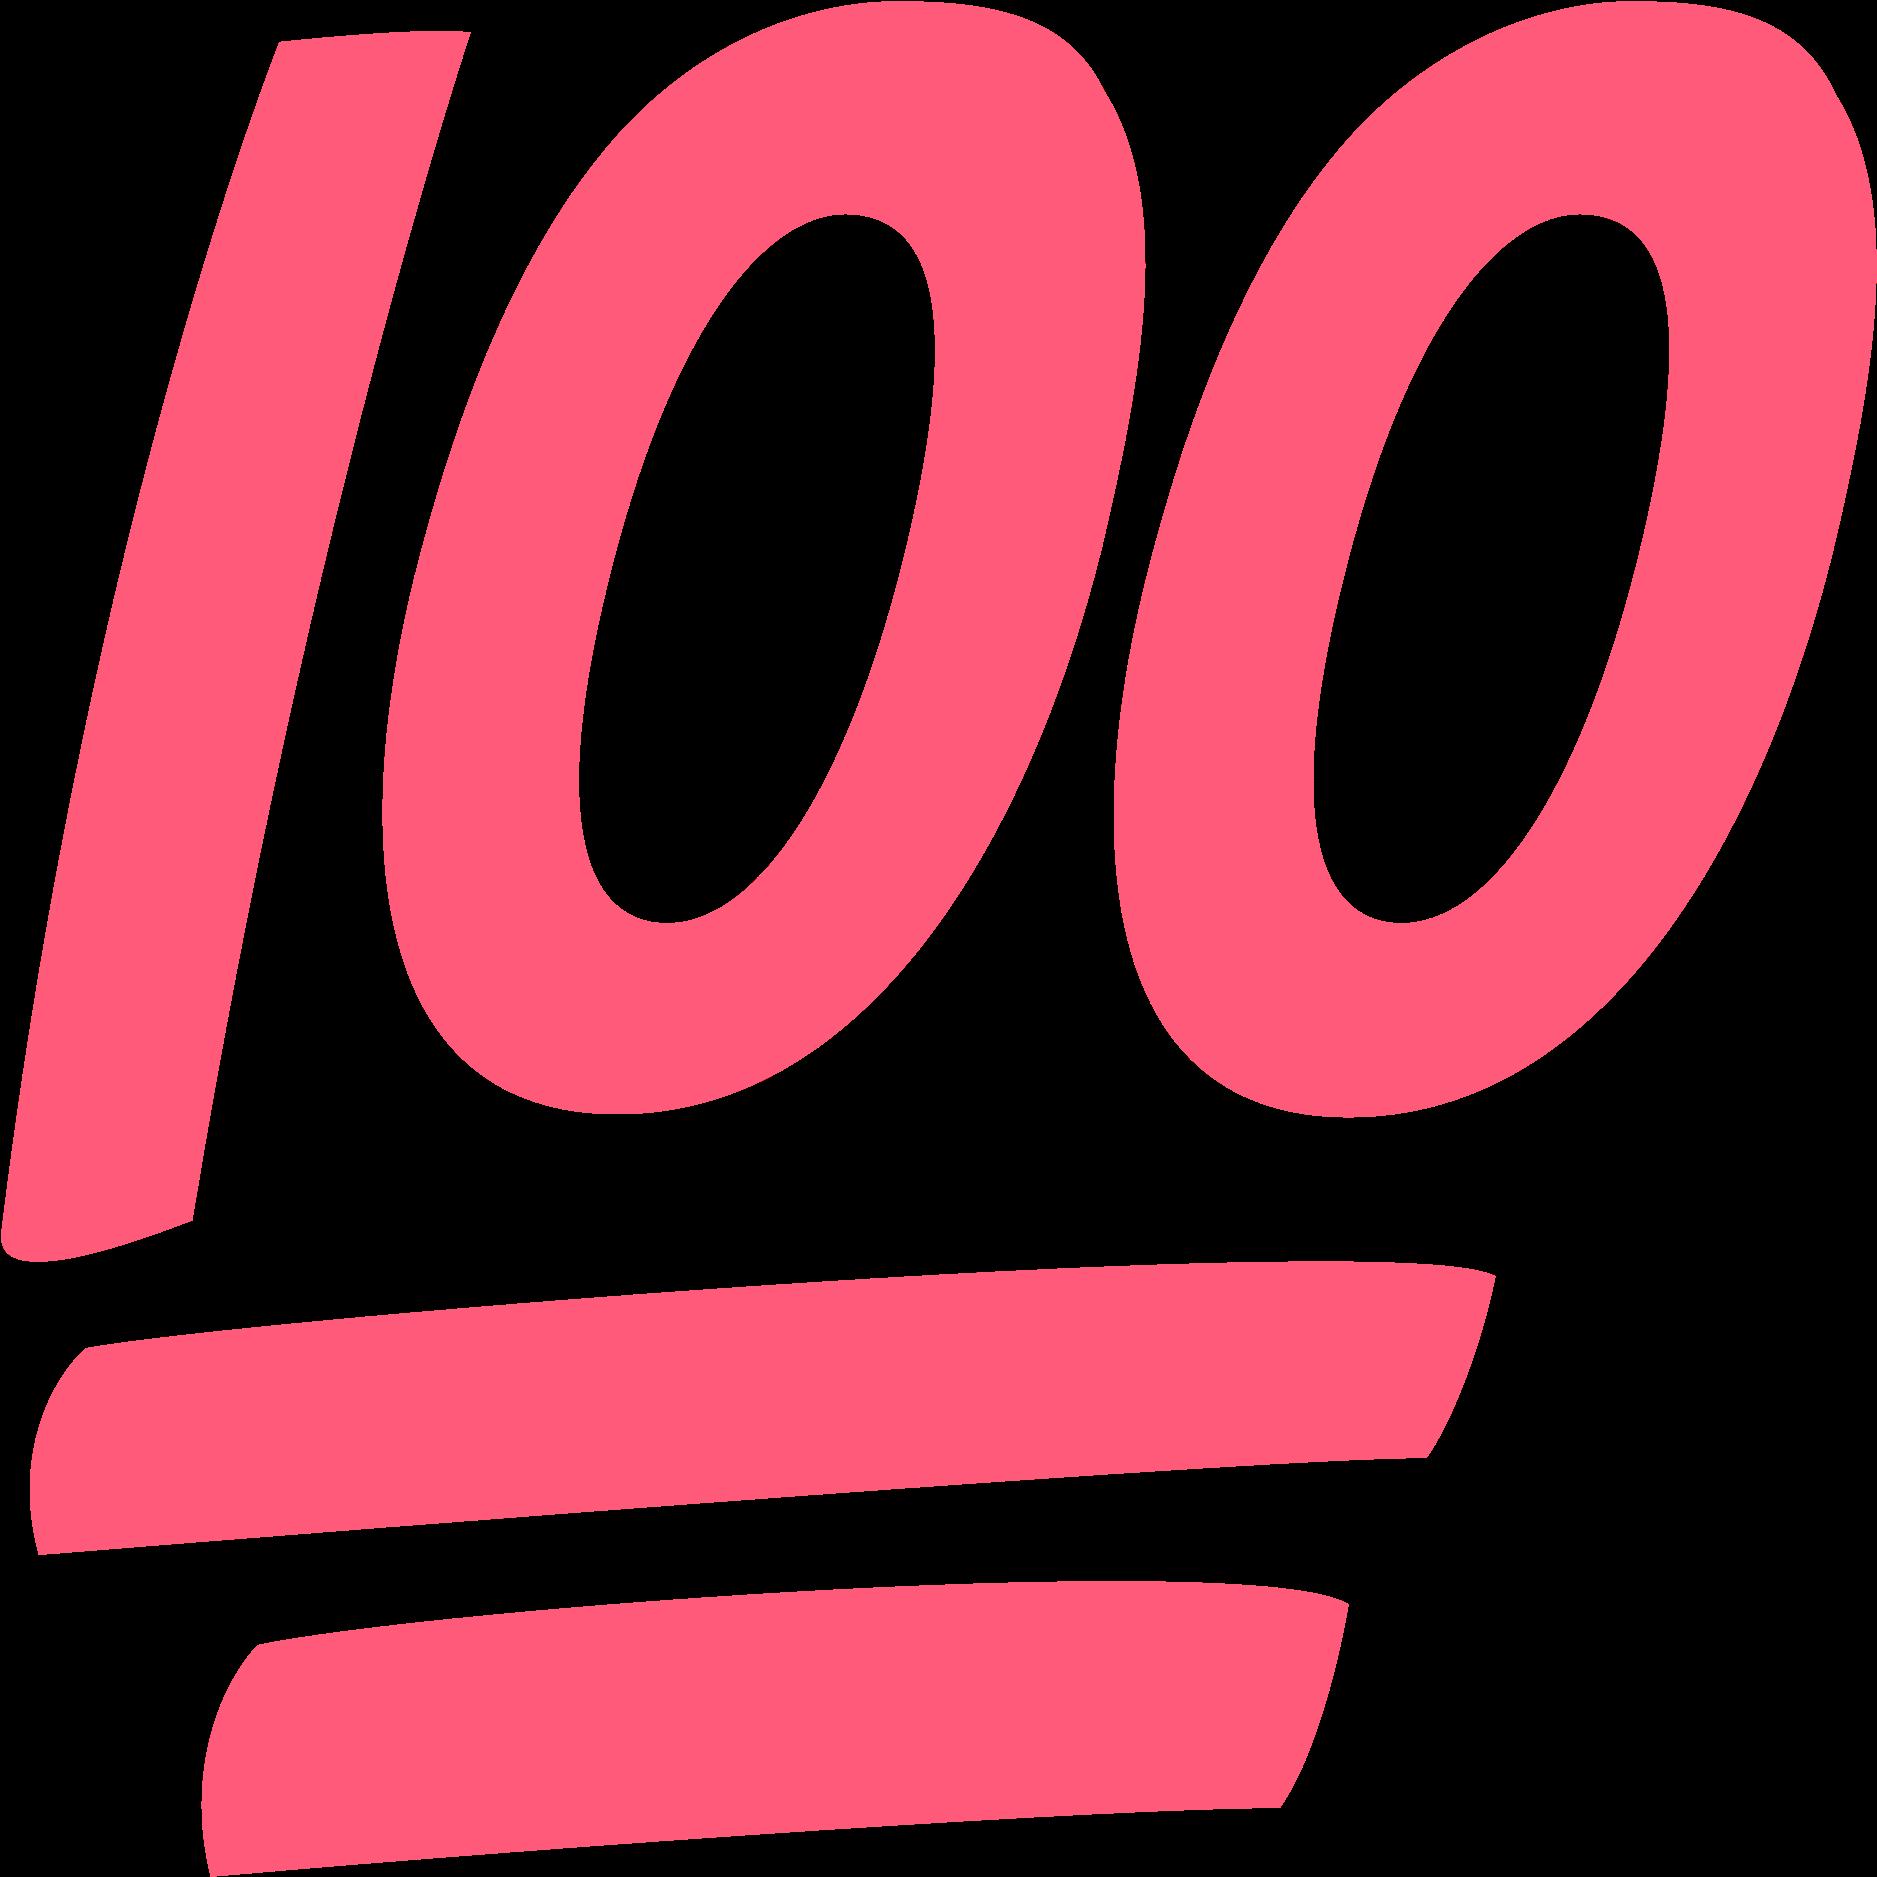 Best 50 100 Percent Wallpaper On Hipwallpaper 100 Emoji   100 1877x1877